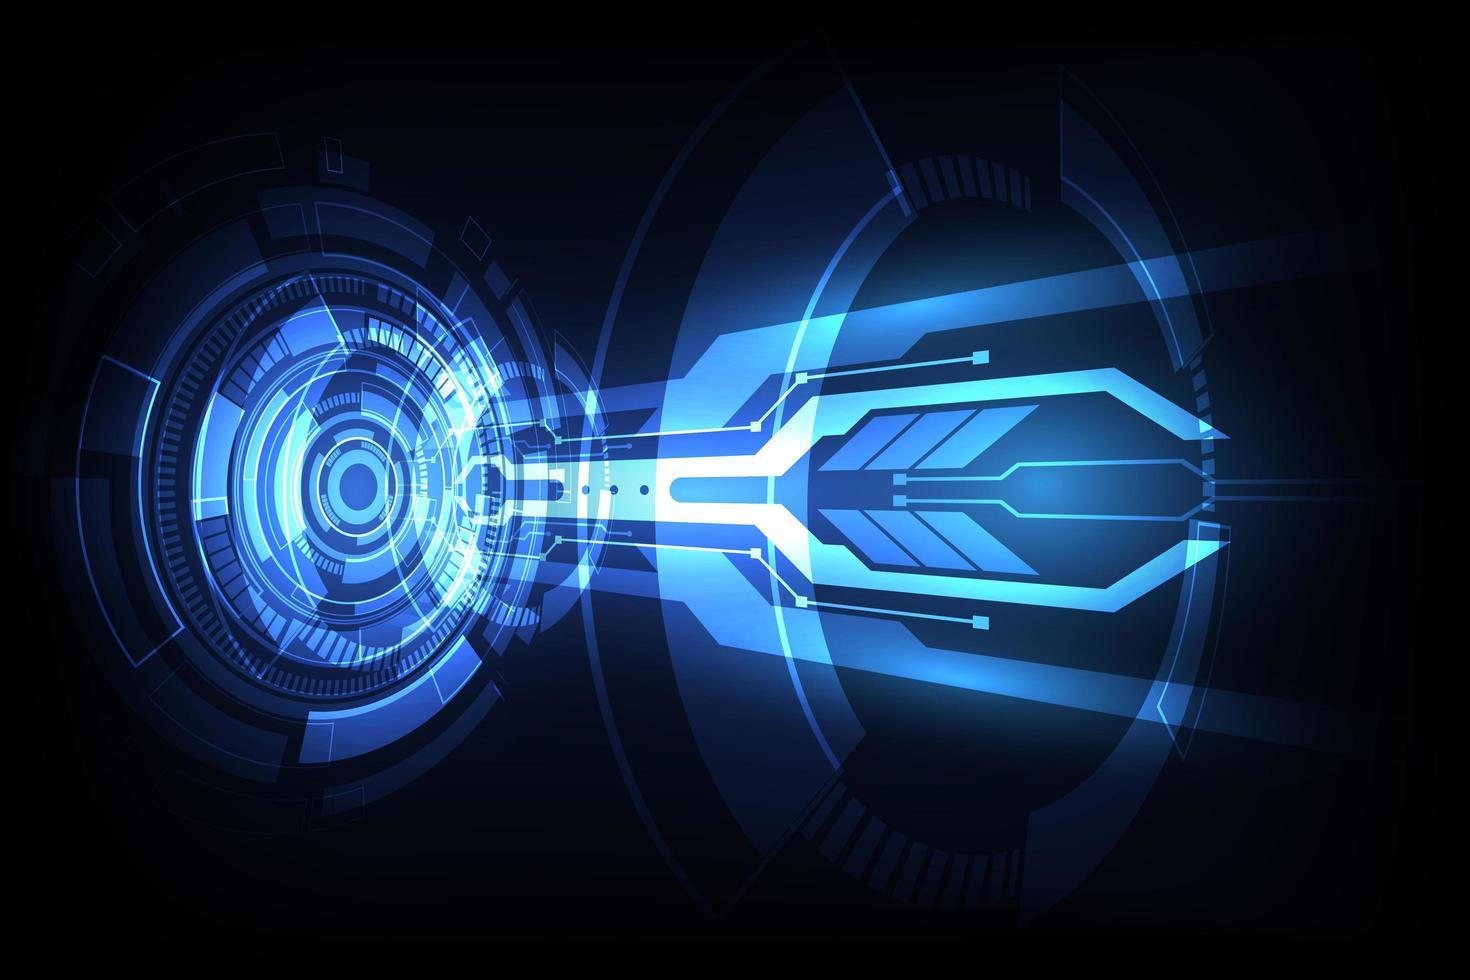 abstrakt vektor futuristiska blå anslutning hög digital teknik koncept. bakgrundsillustration